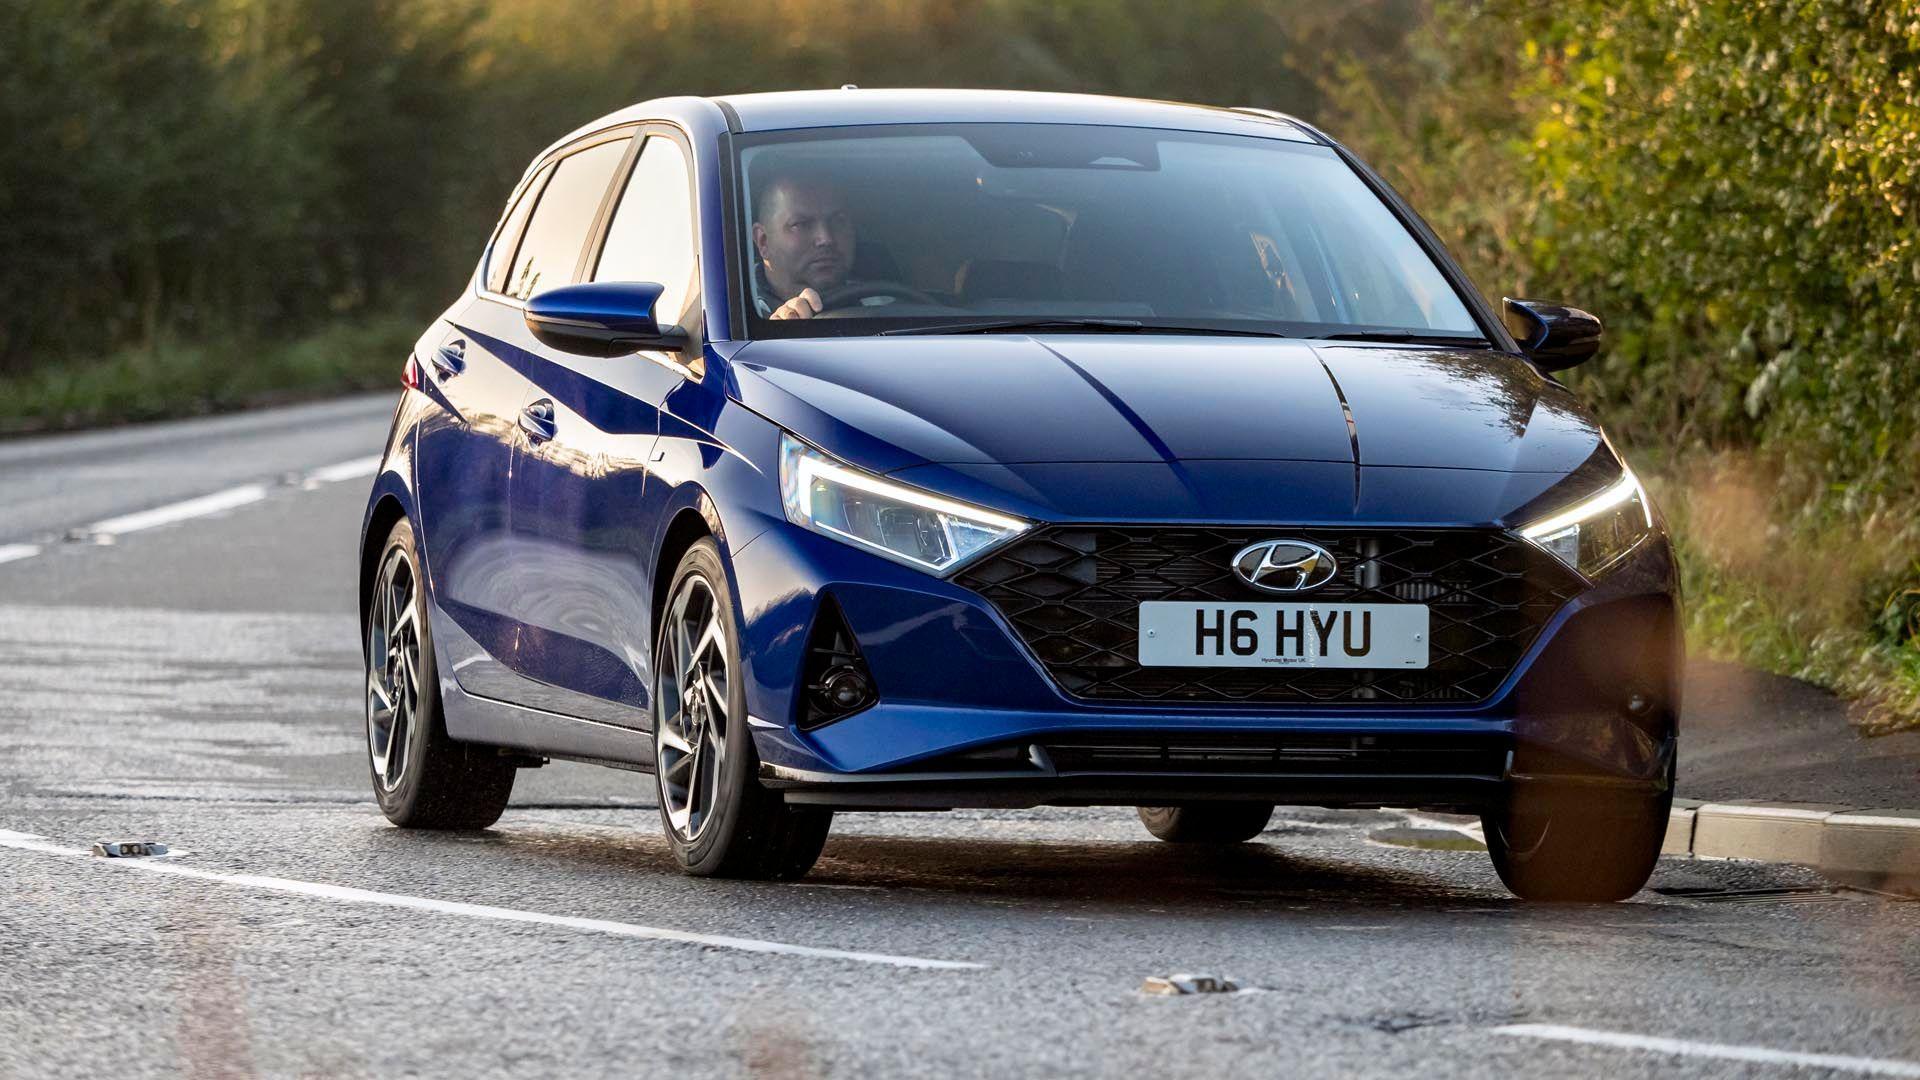 Hyundai i20 Blue image